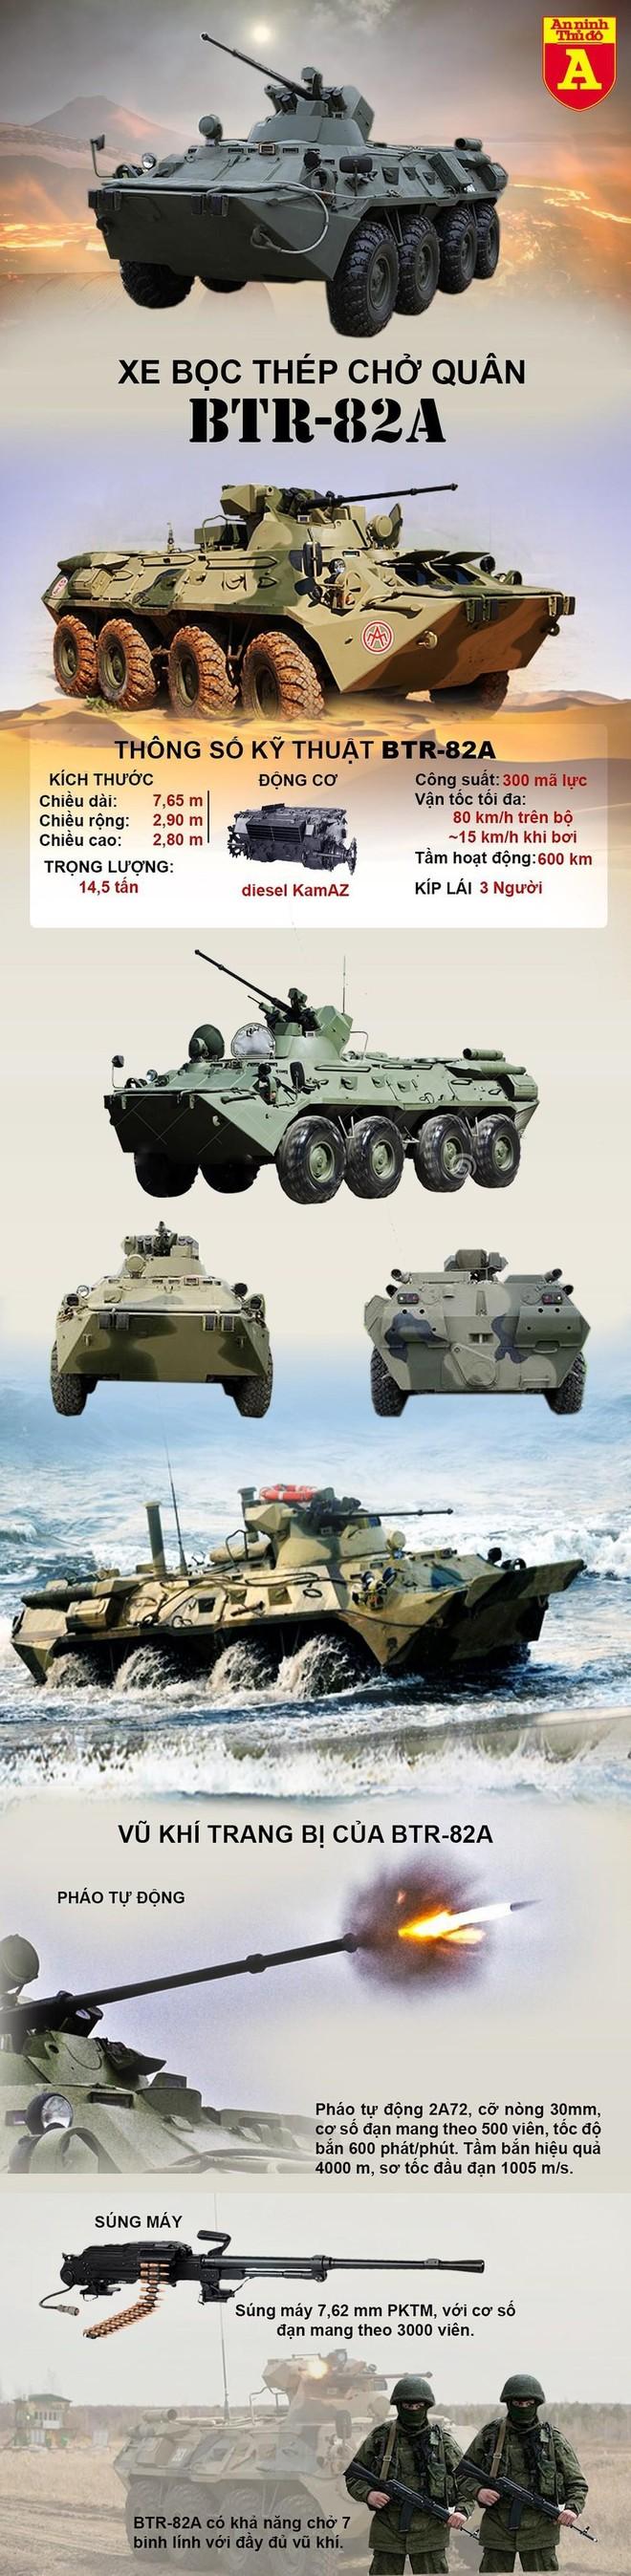 [Info] Quân đội Nga tin dùng 'báo thép' BTR-82A để lập phòng tuyến trước Taliban ảnh 2